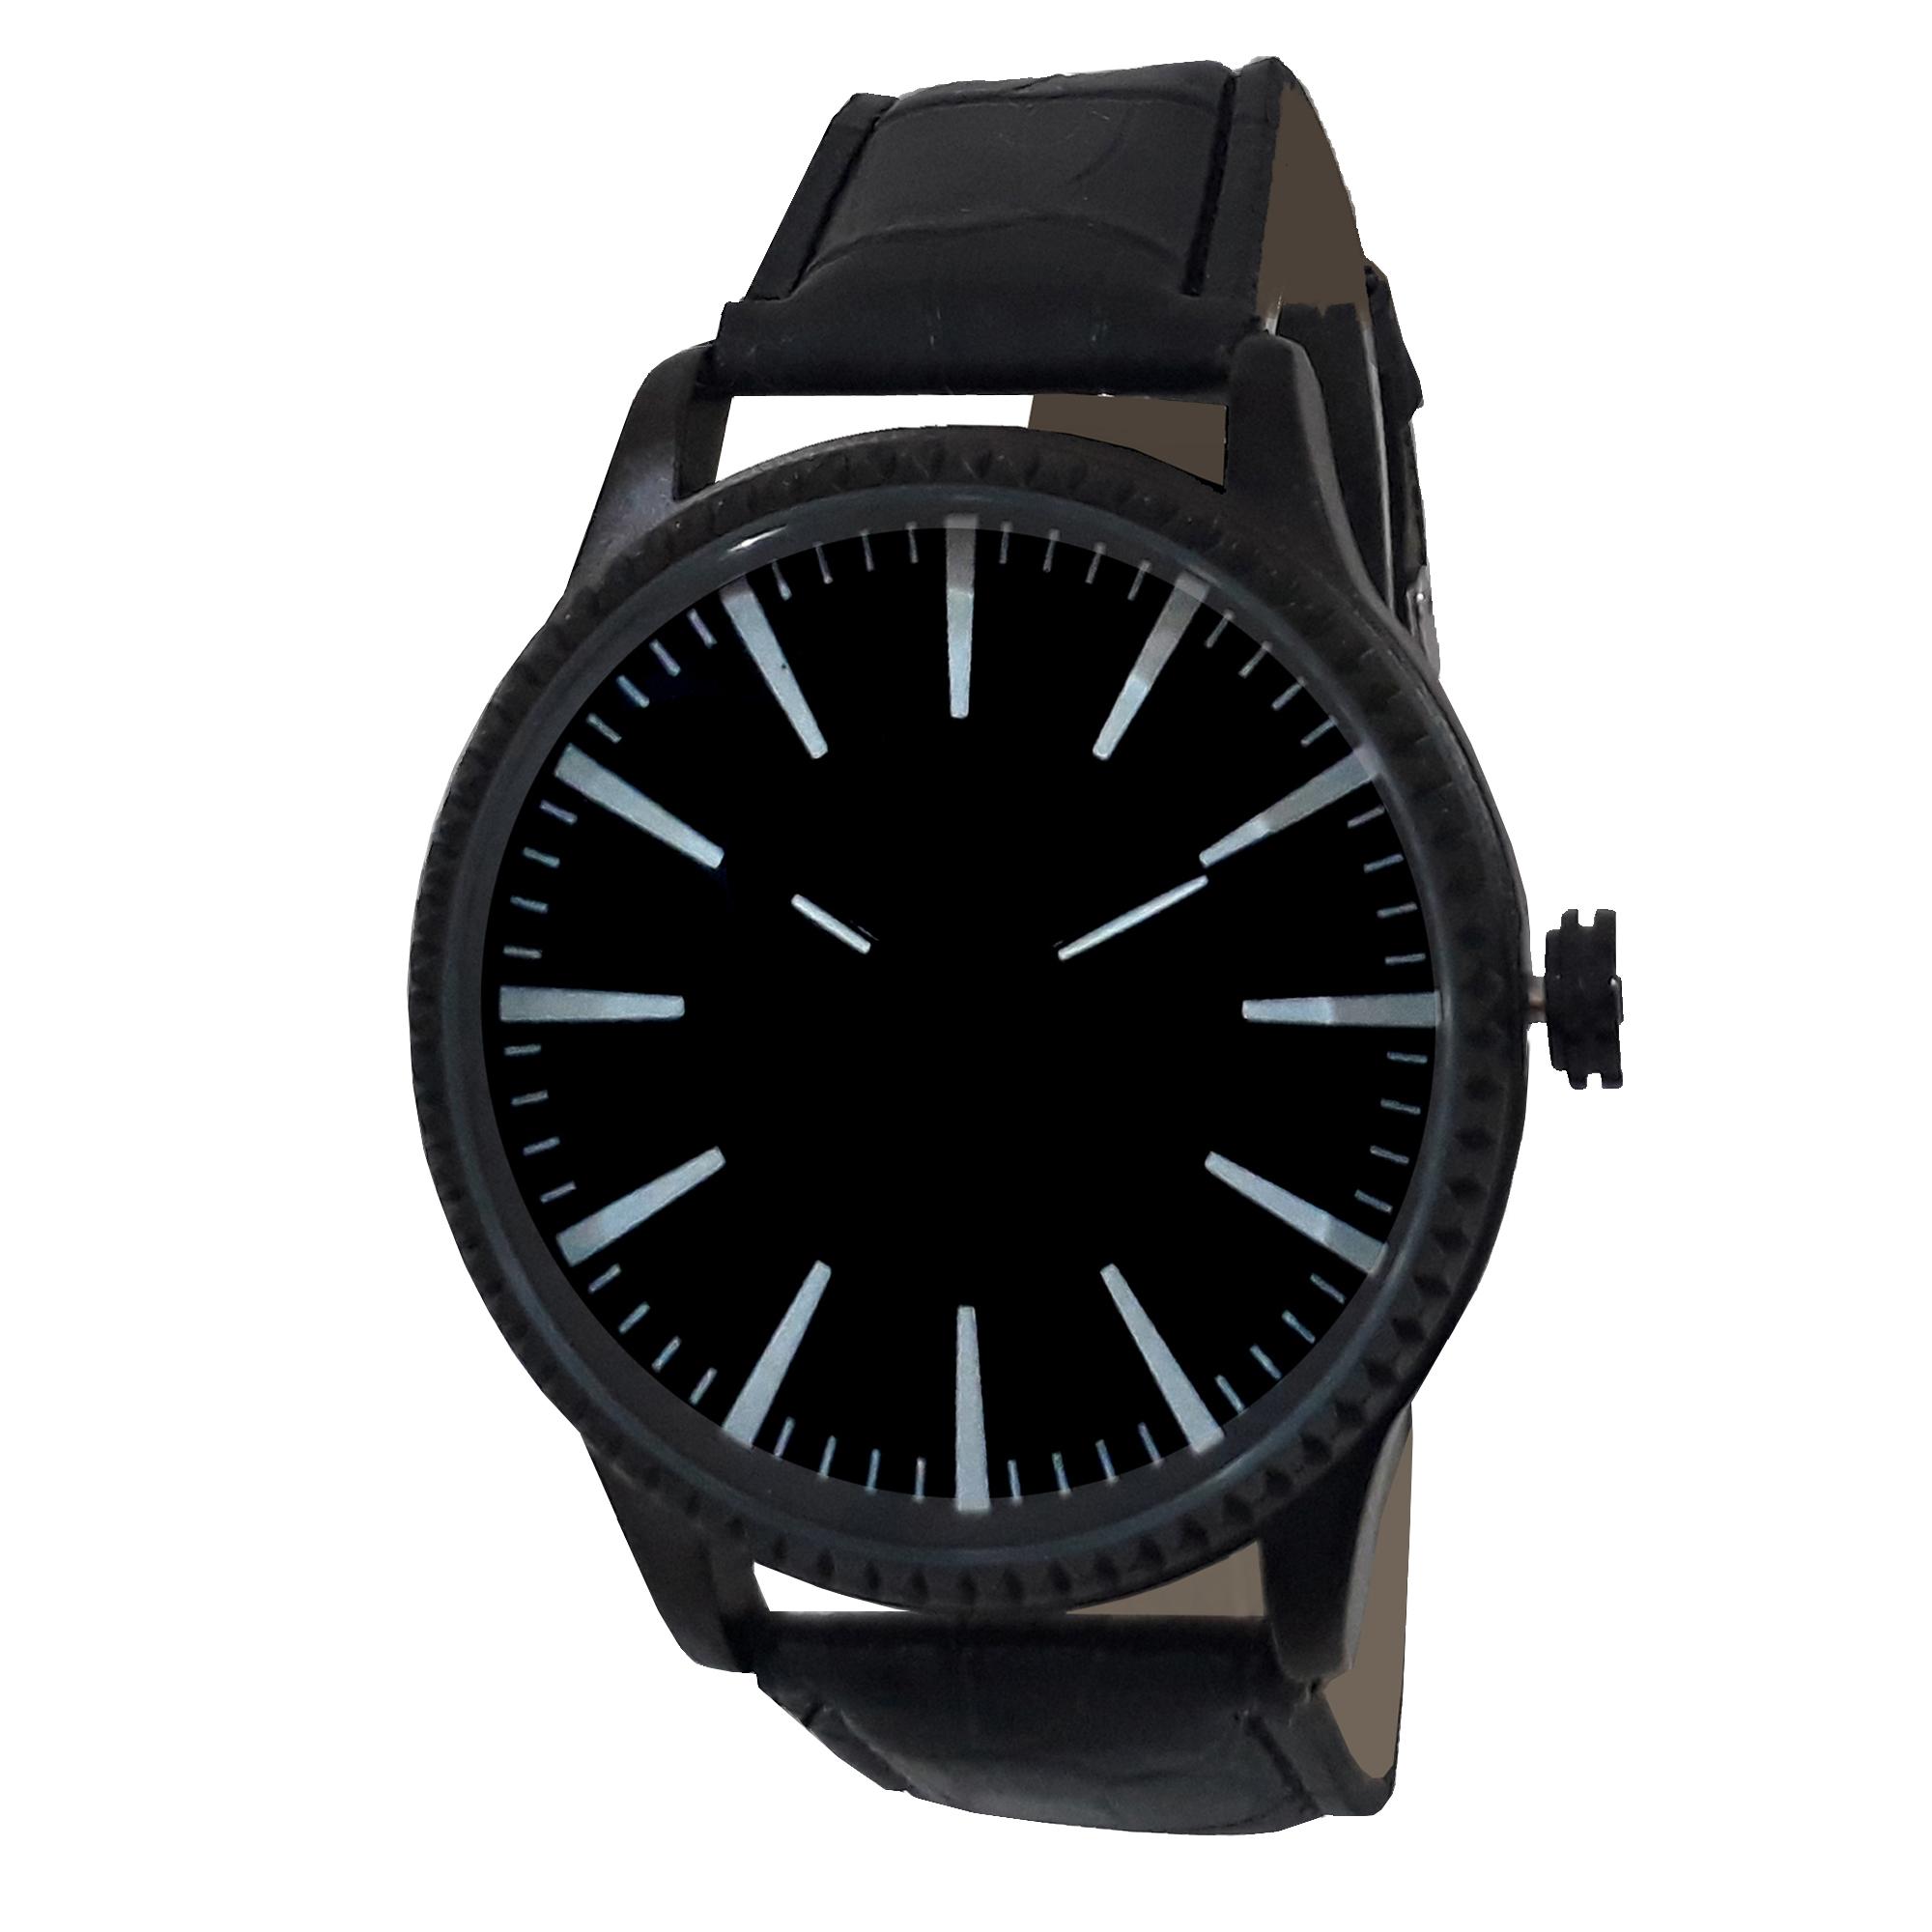 ساعت مچی عقربه ای مردانه دریمز کد 001              خرید (⭐️⭐️⭐️)